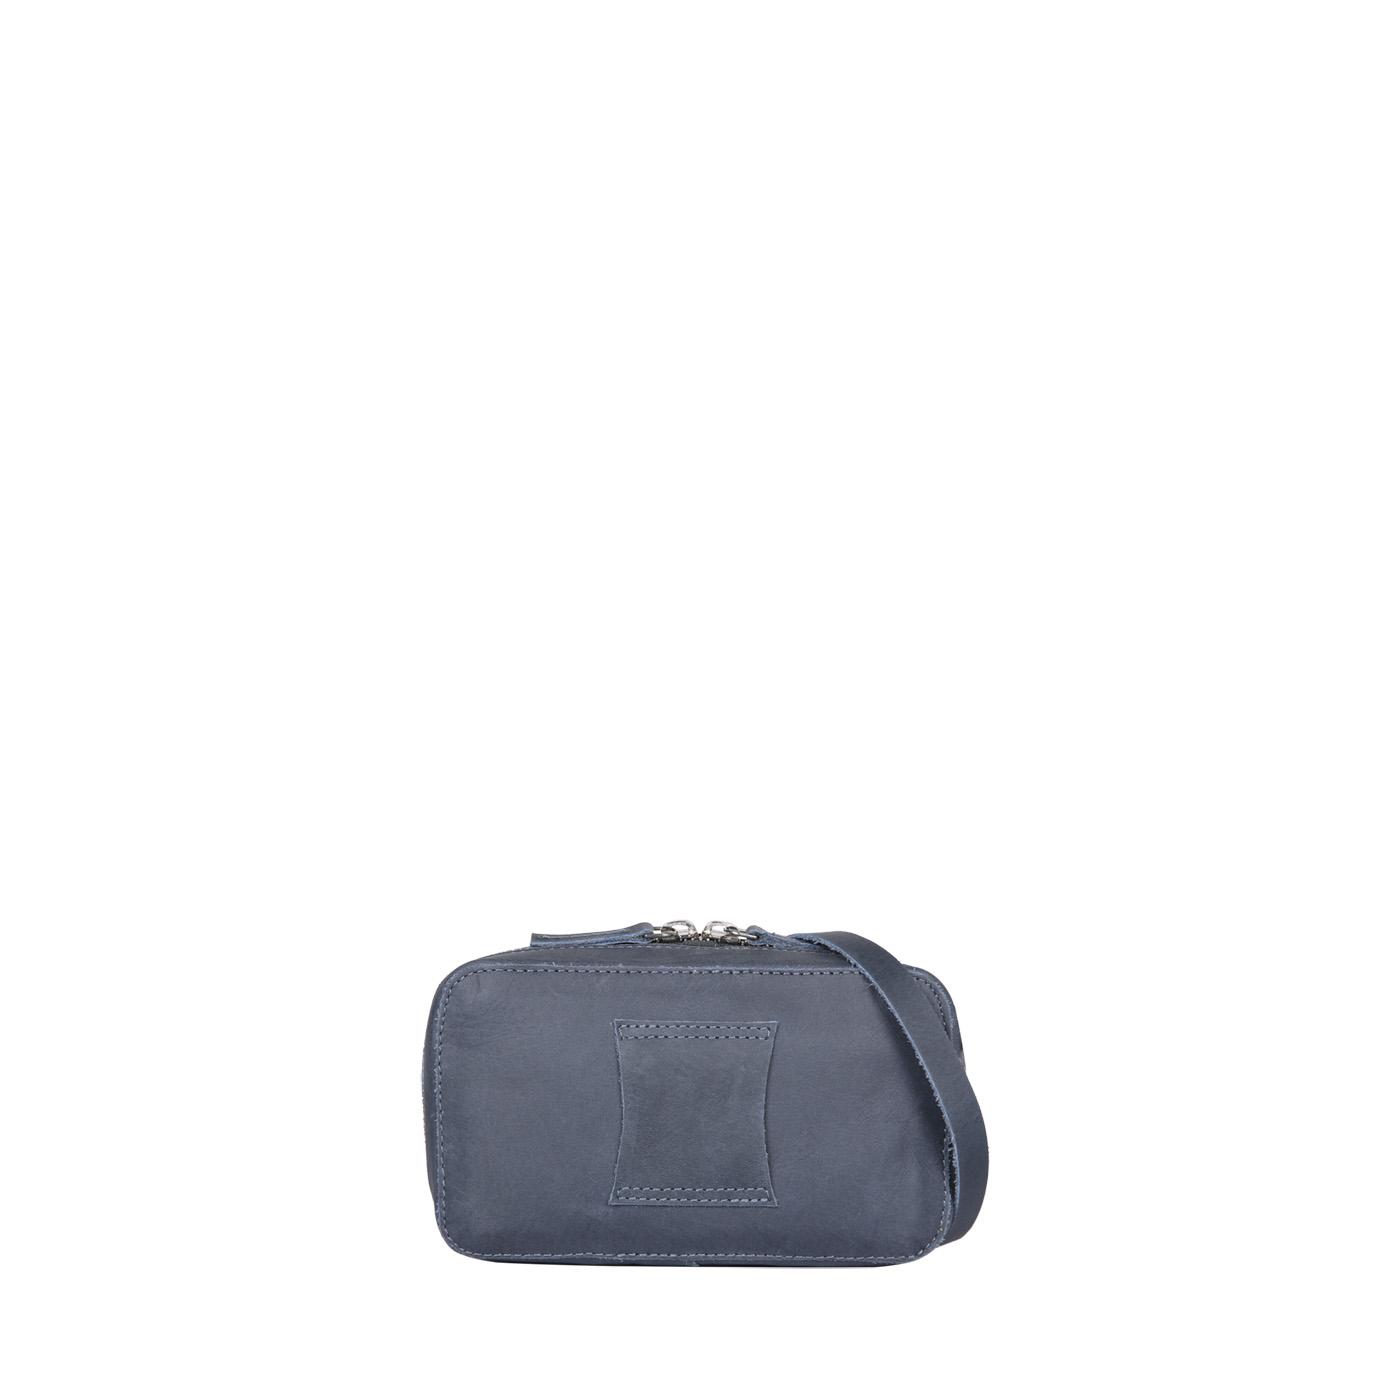 550e7de84c MY BOXY BAG Camera - hunter navy blue